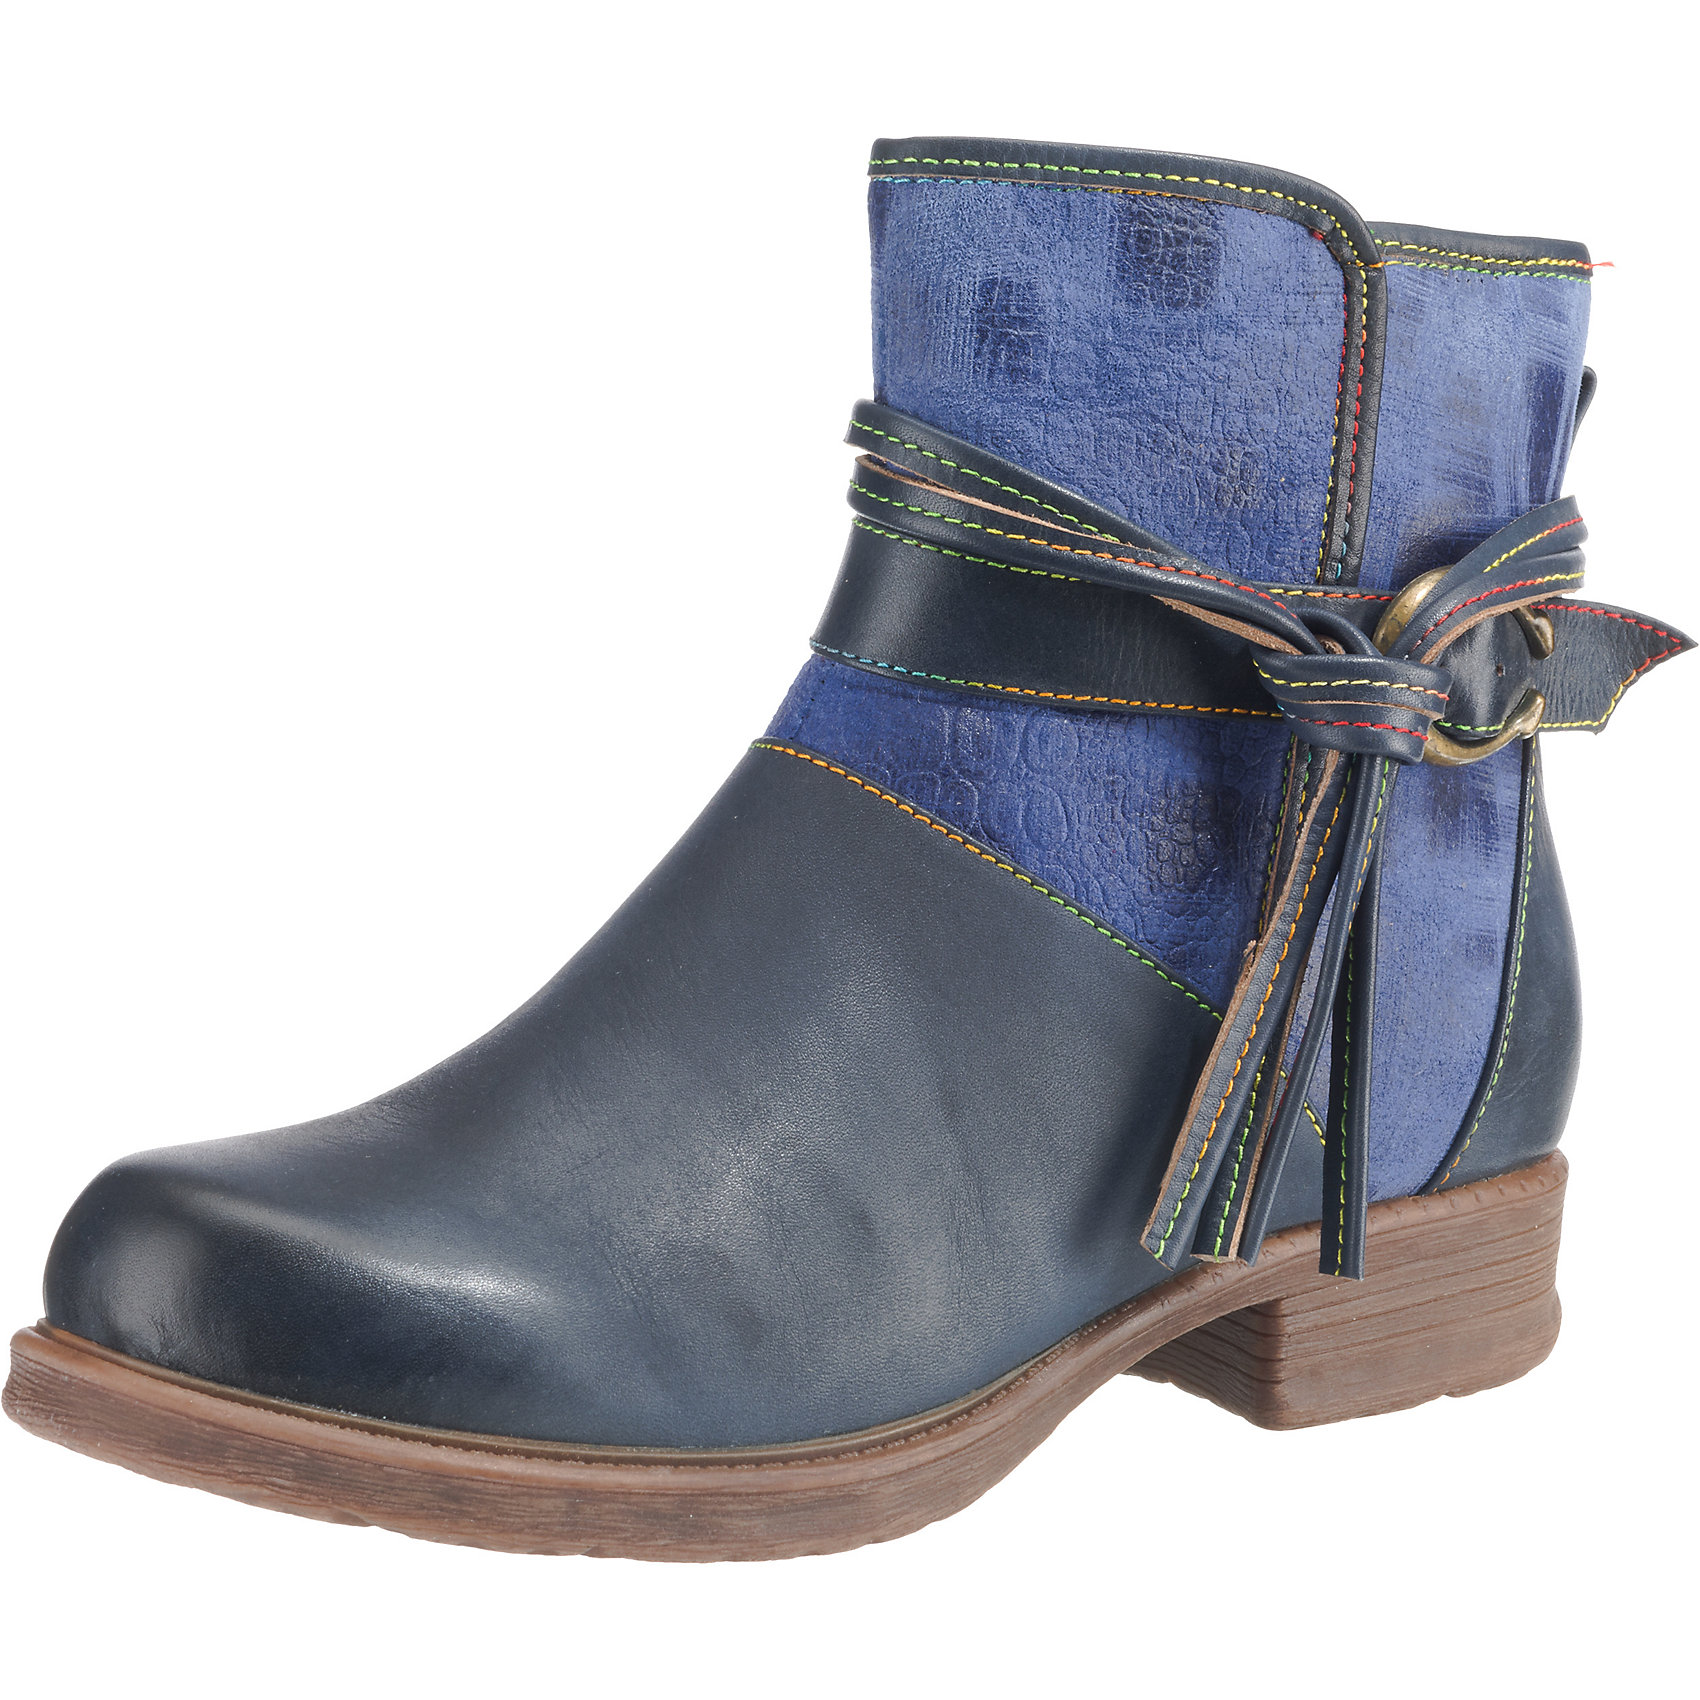 Neu Laura Vita Klassische Stiefeletten 8806236 8806236 8806236 für Damen blau    d3942b